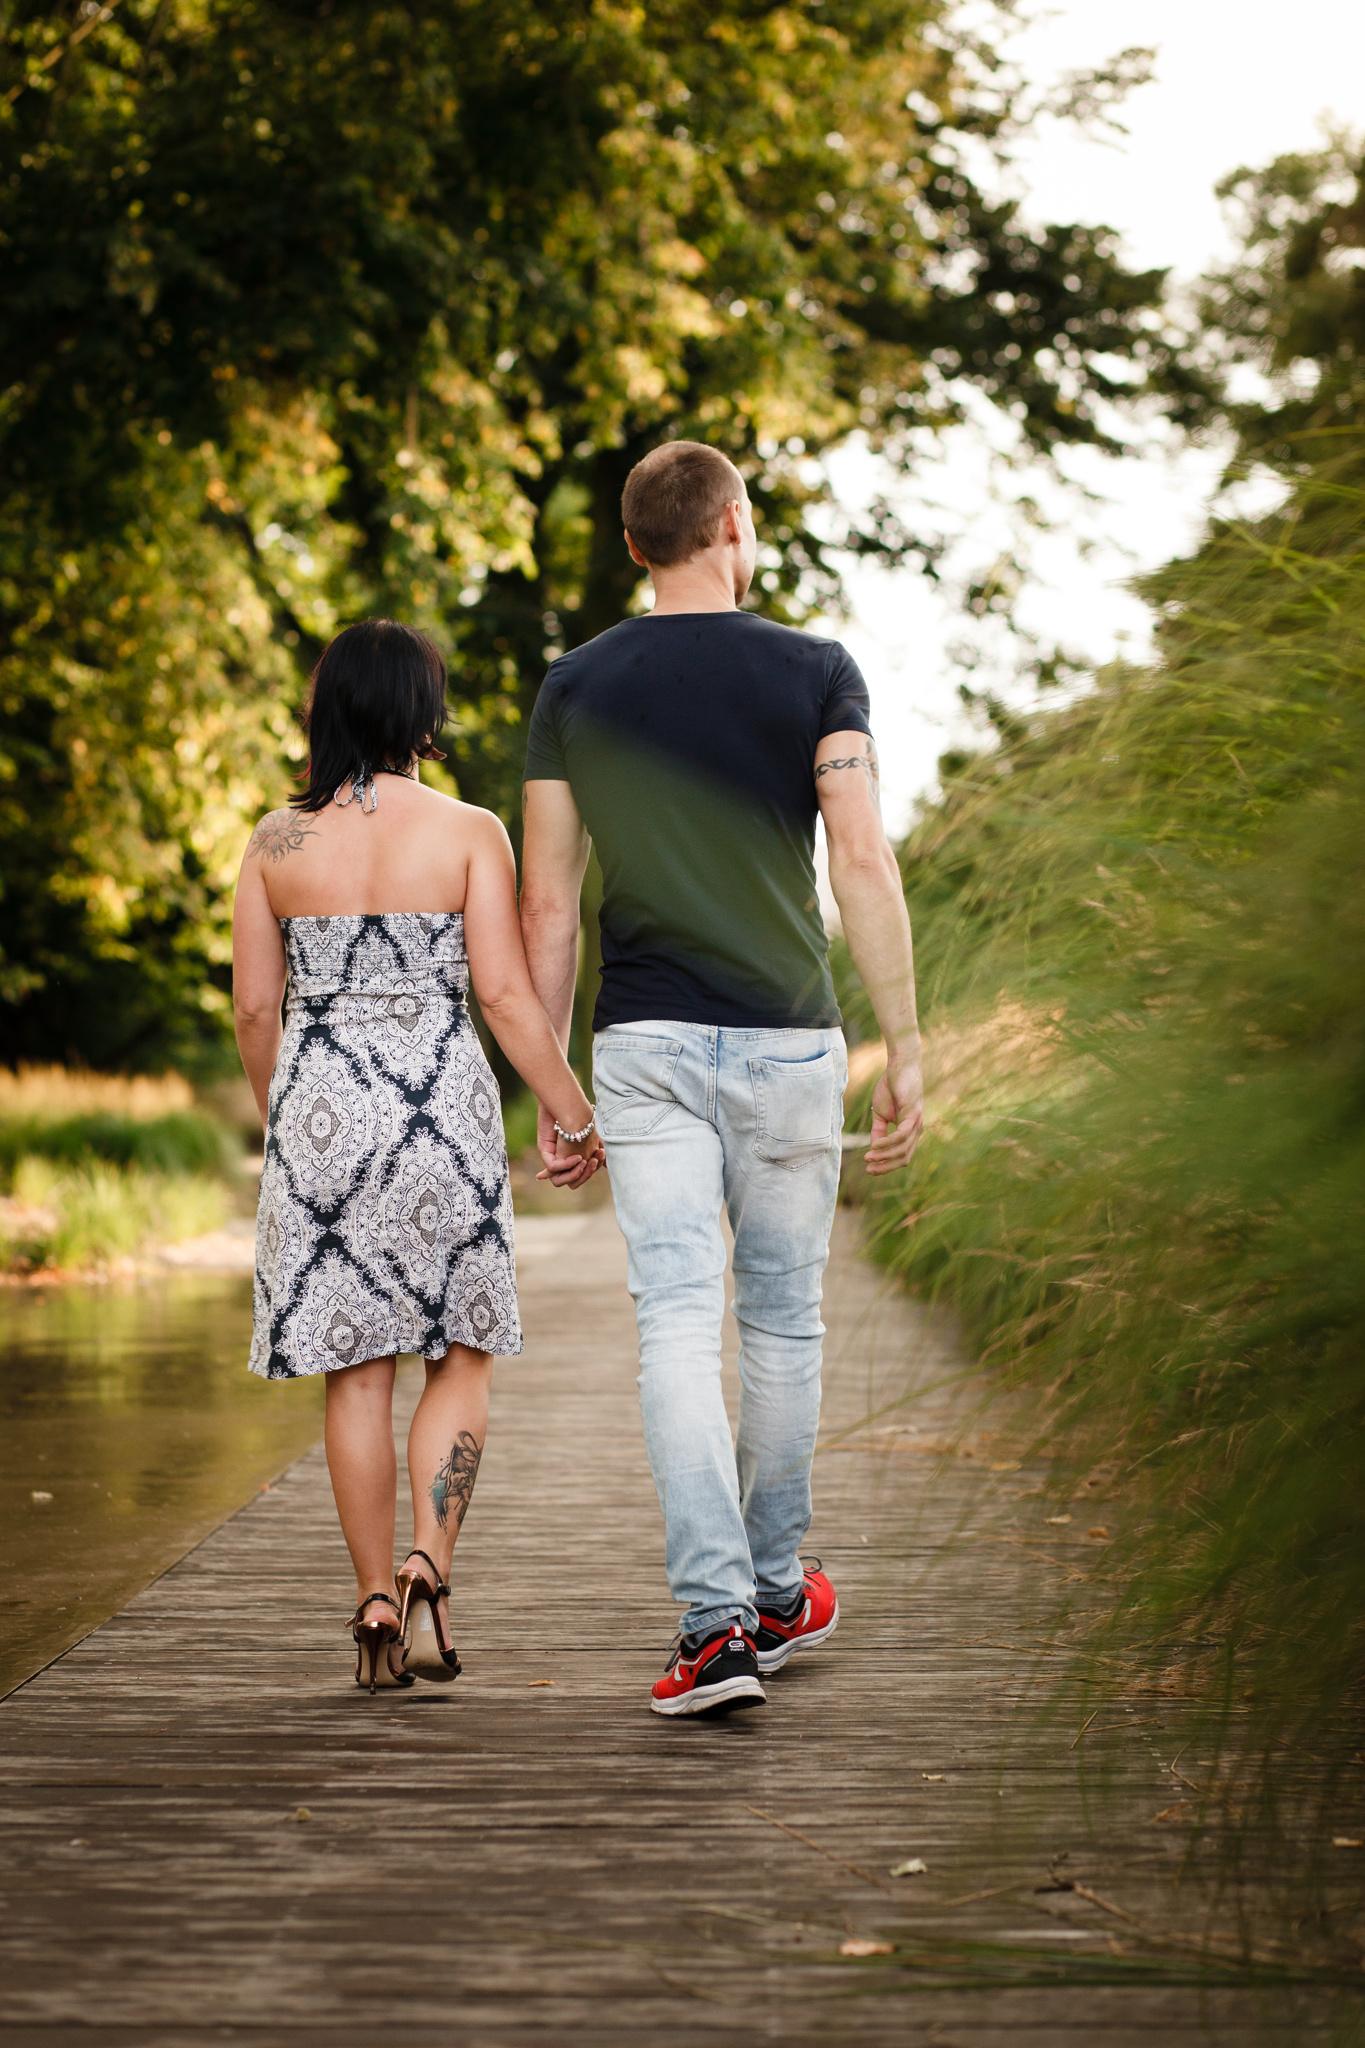 Přítel s přítelkyní jdou po cestě v parku